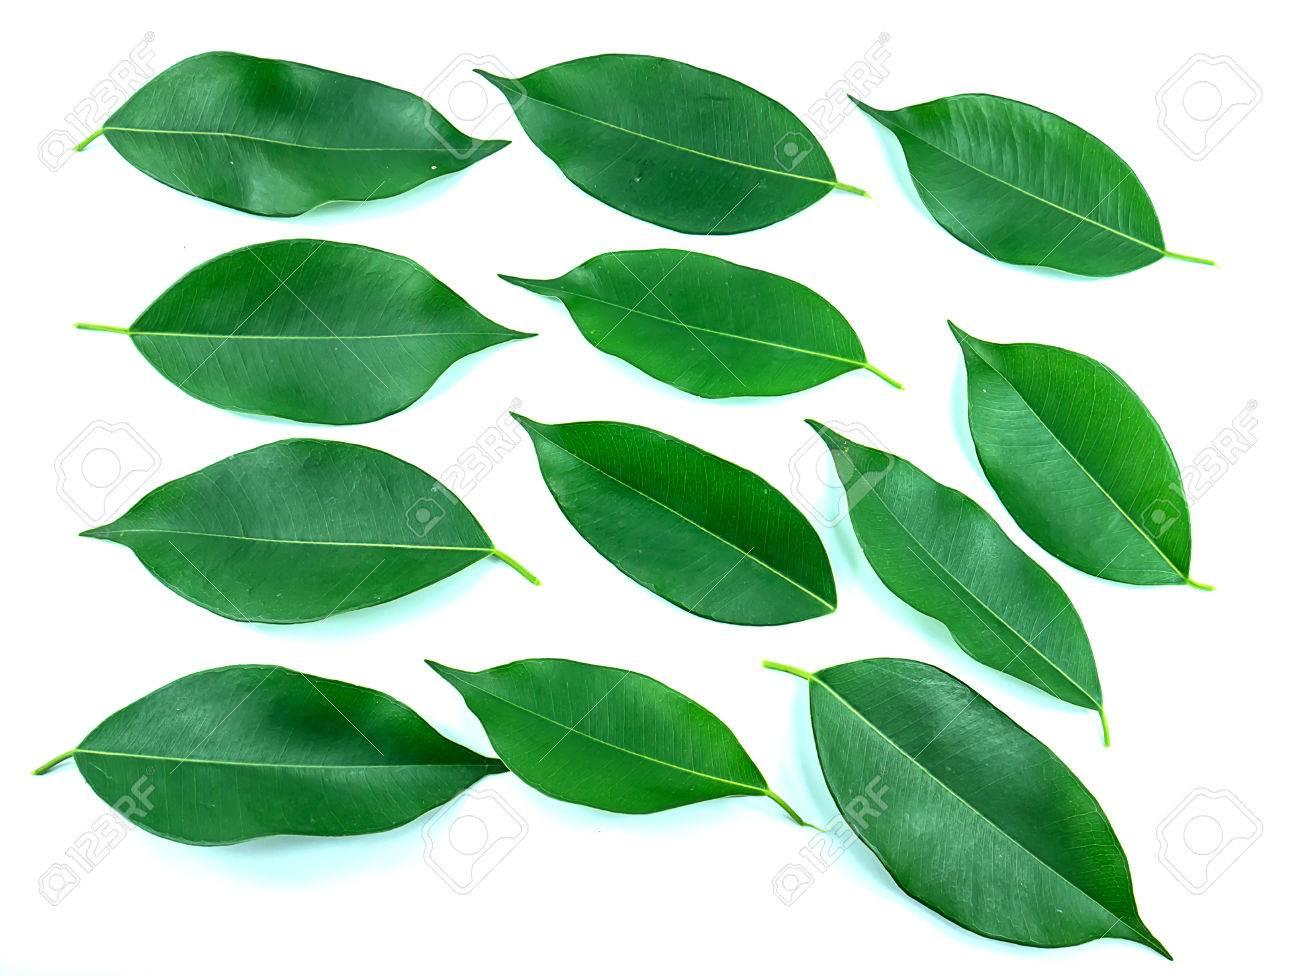 イチジクの木の葉っぱ の写真素...